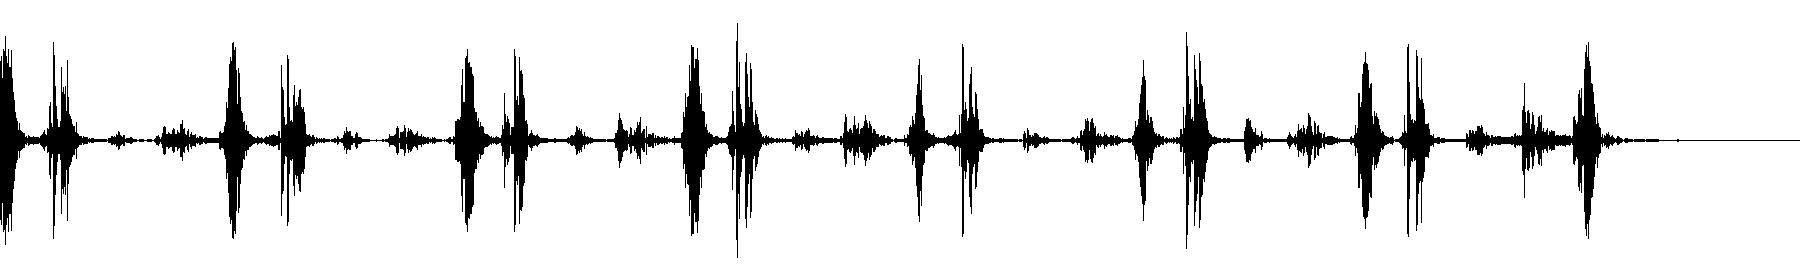 guitarfunk20 130